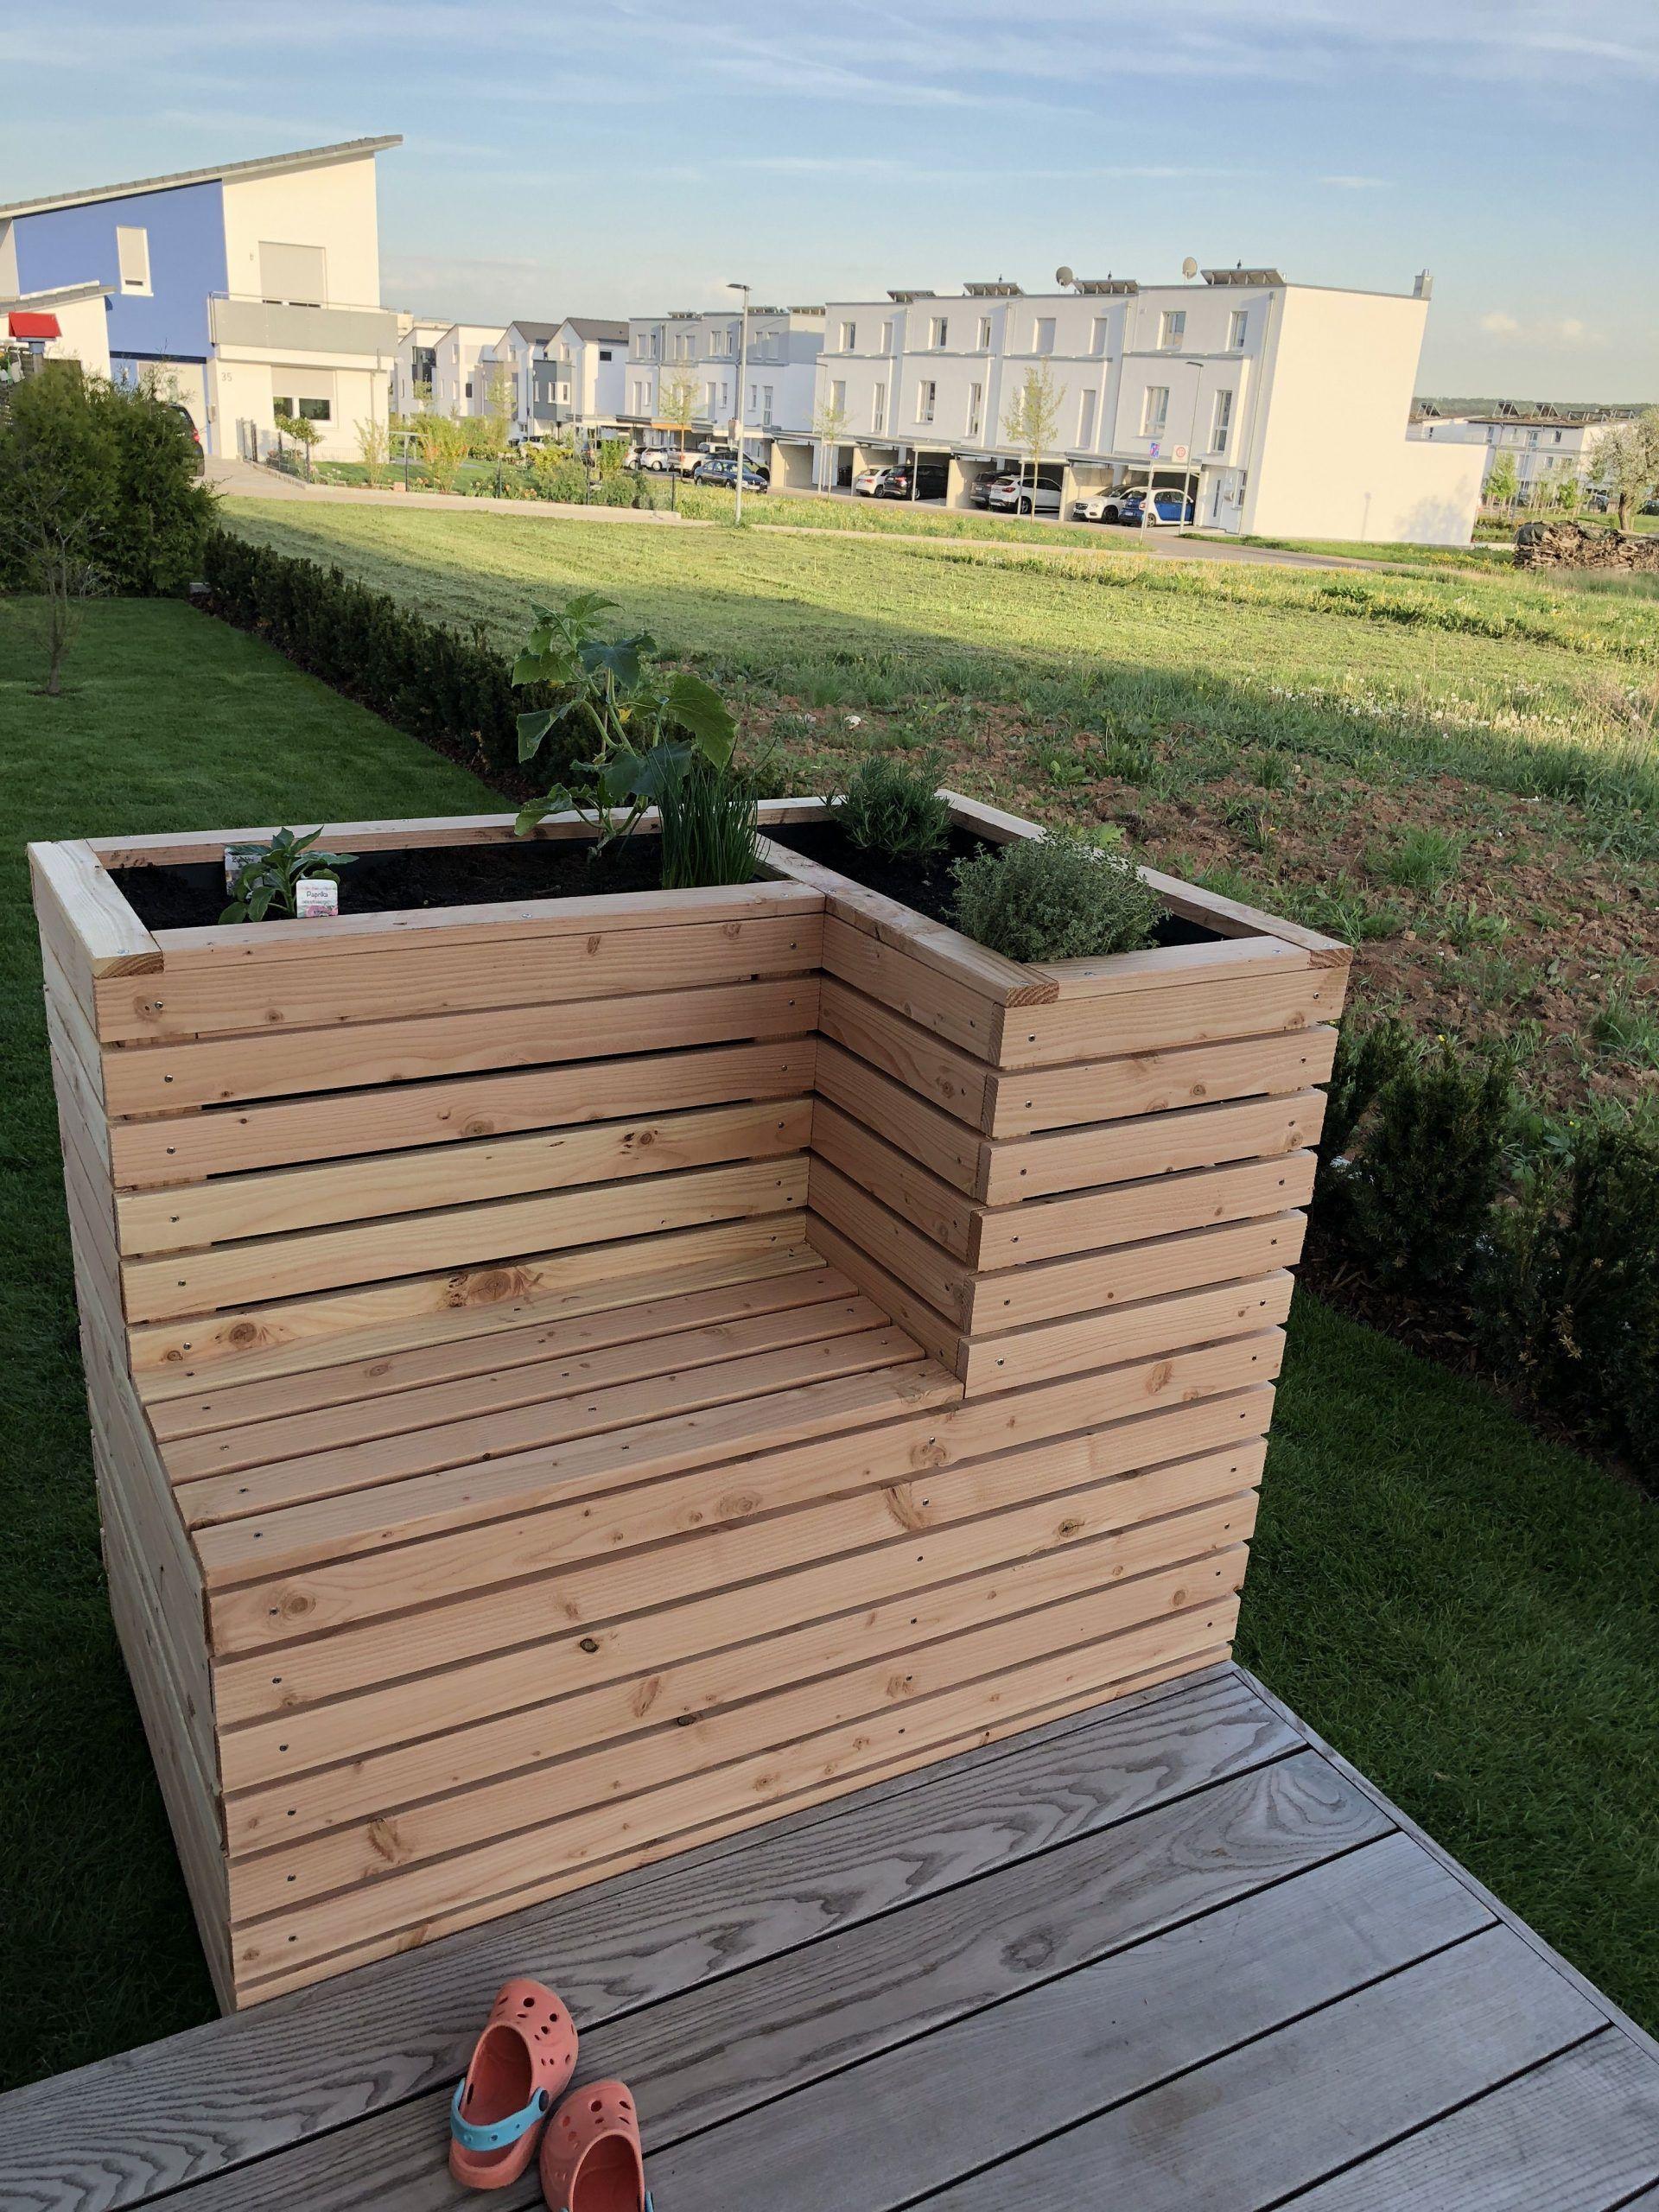 Precious Tips For Outdoor Gardens In 2020 Planter Bench Garden Beds Raised Garden Beds